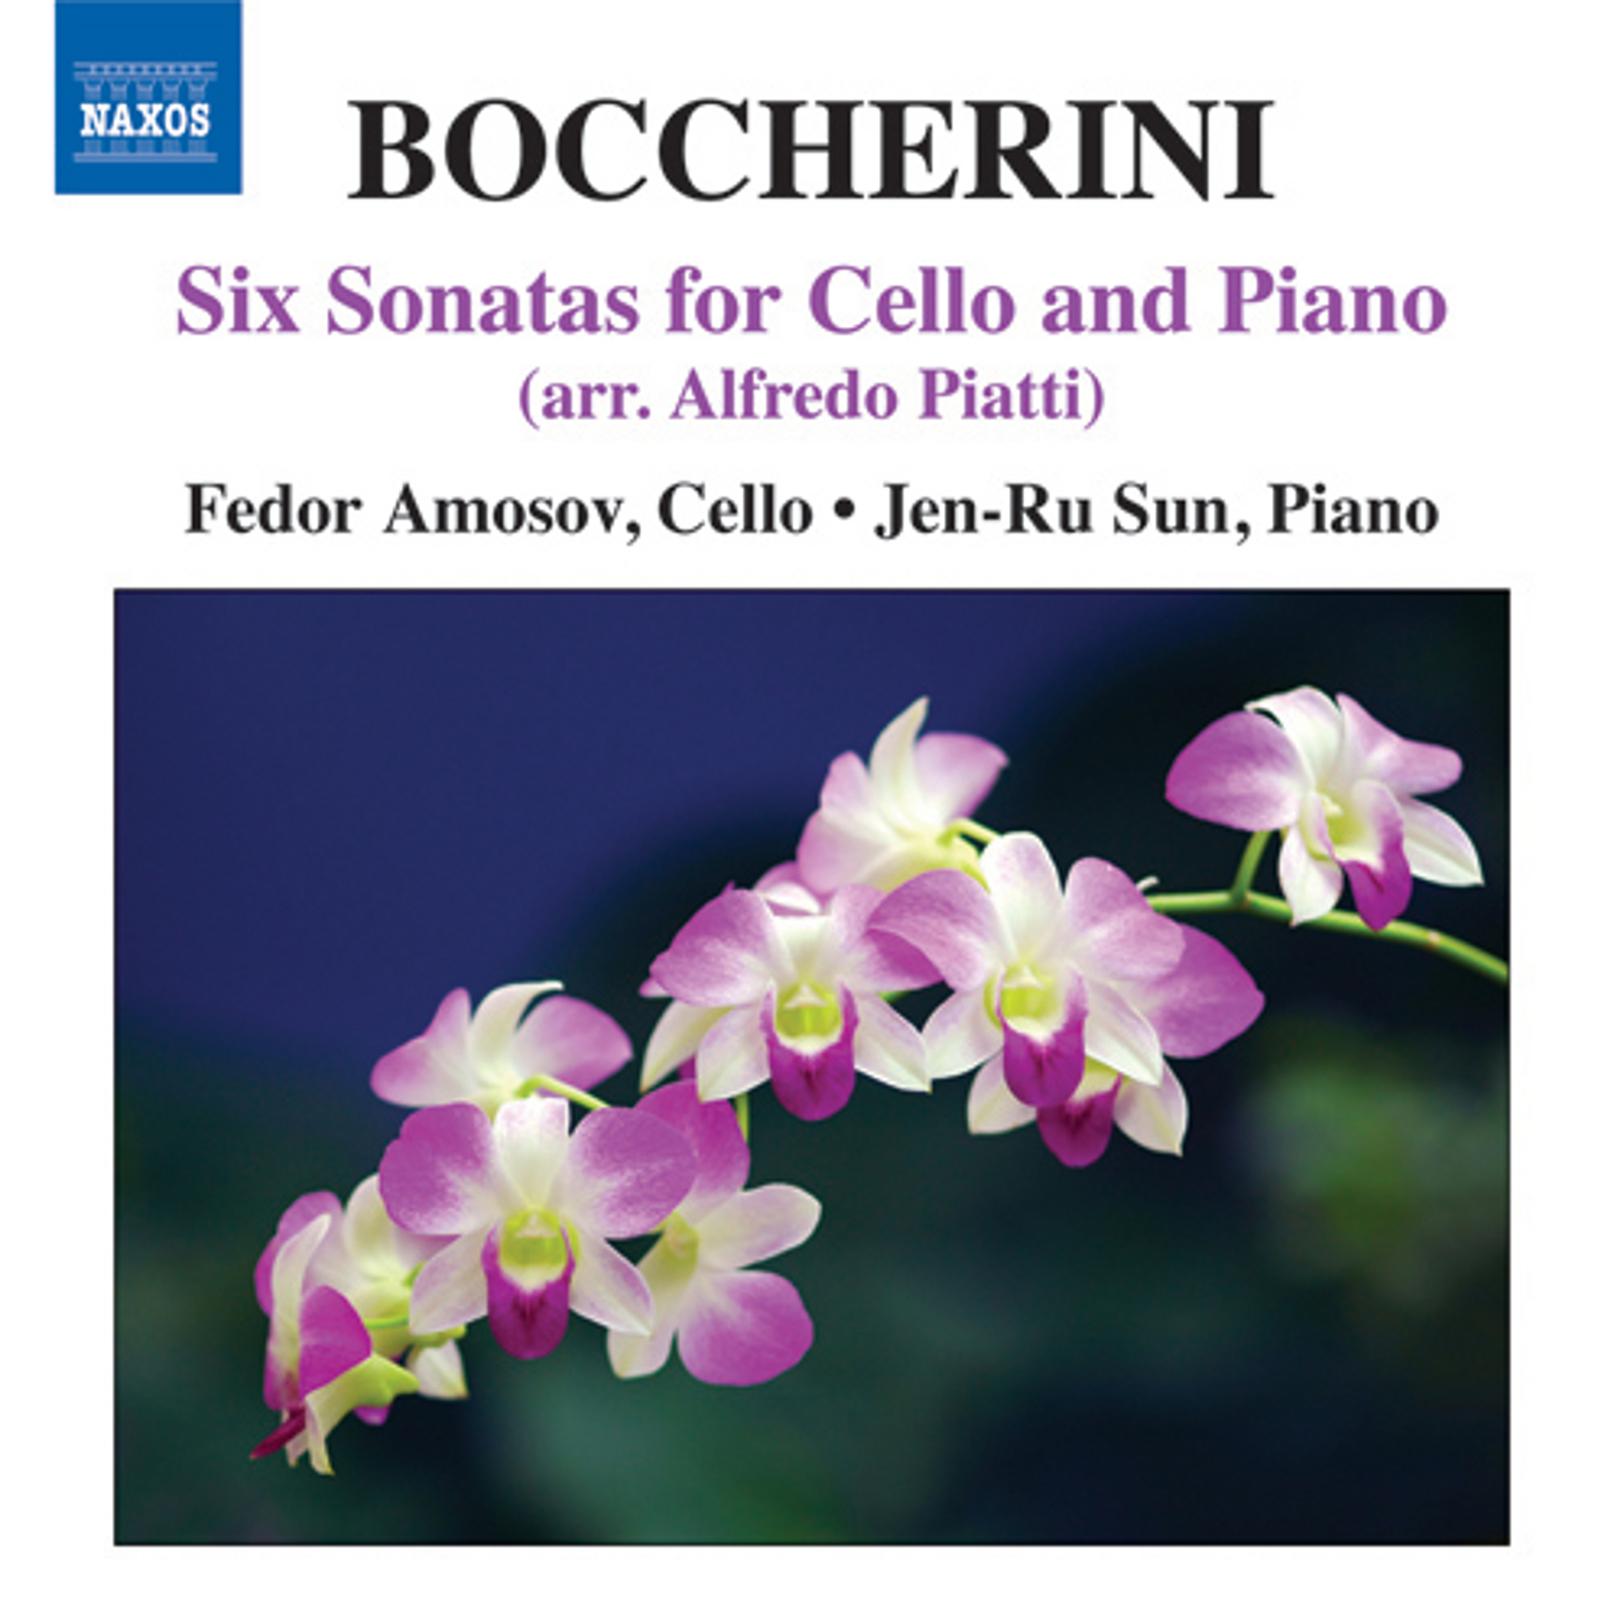 Boccherini: 6 Cello Sonatas (arr. Piatti)